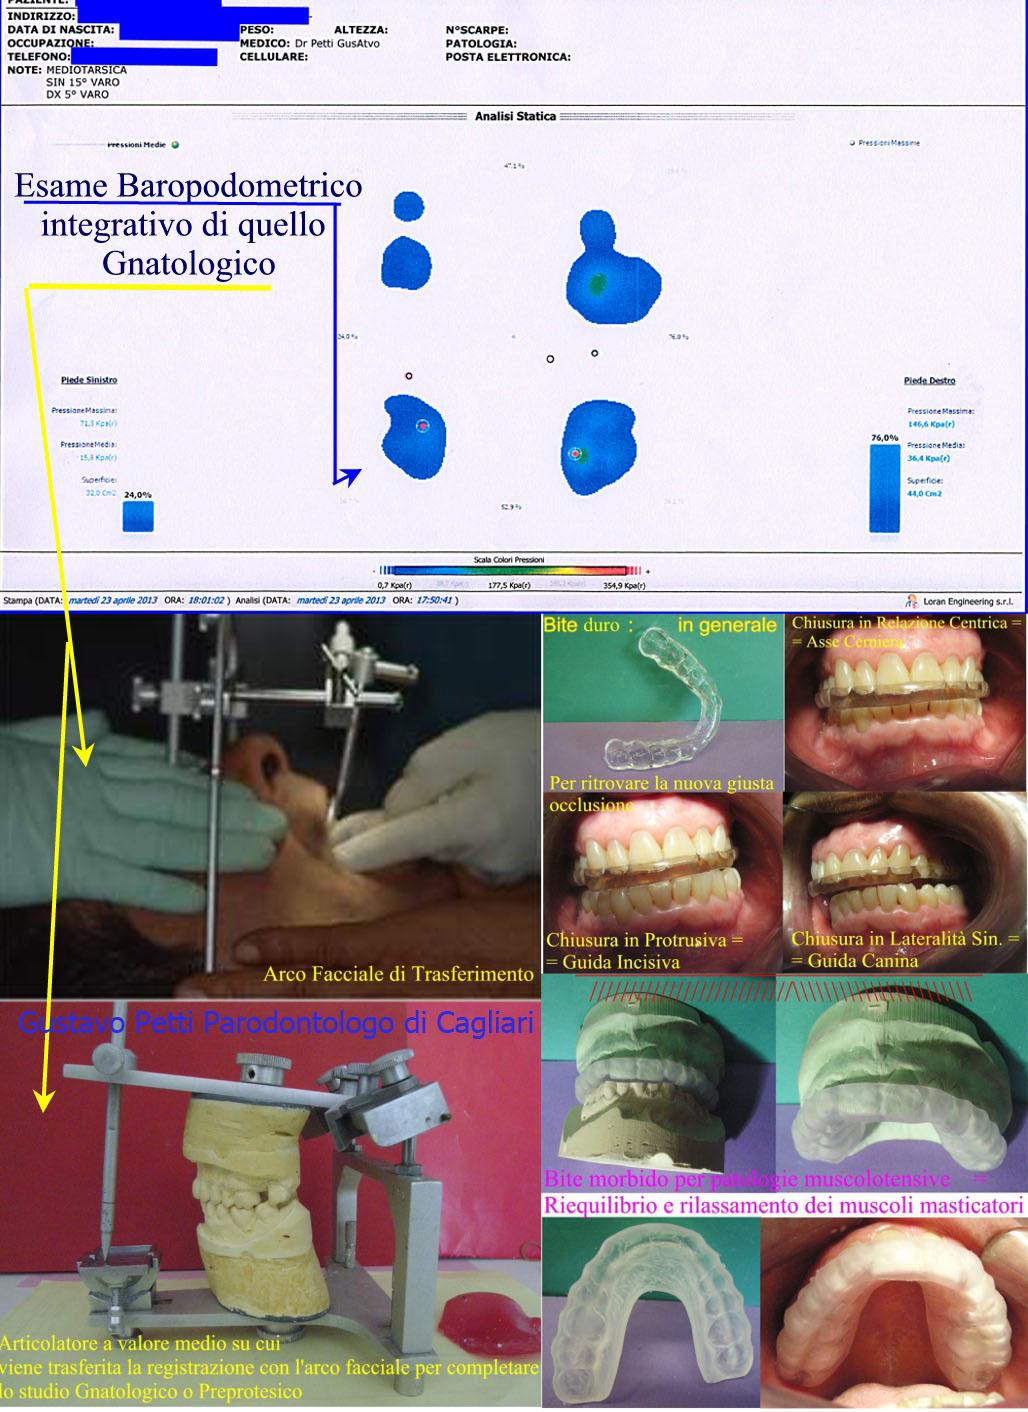 analisi-gnatologica-dr-g.petti-cagliari-2410.jpg